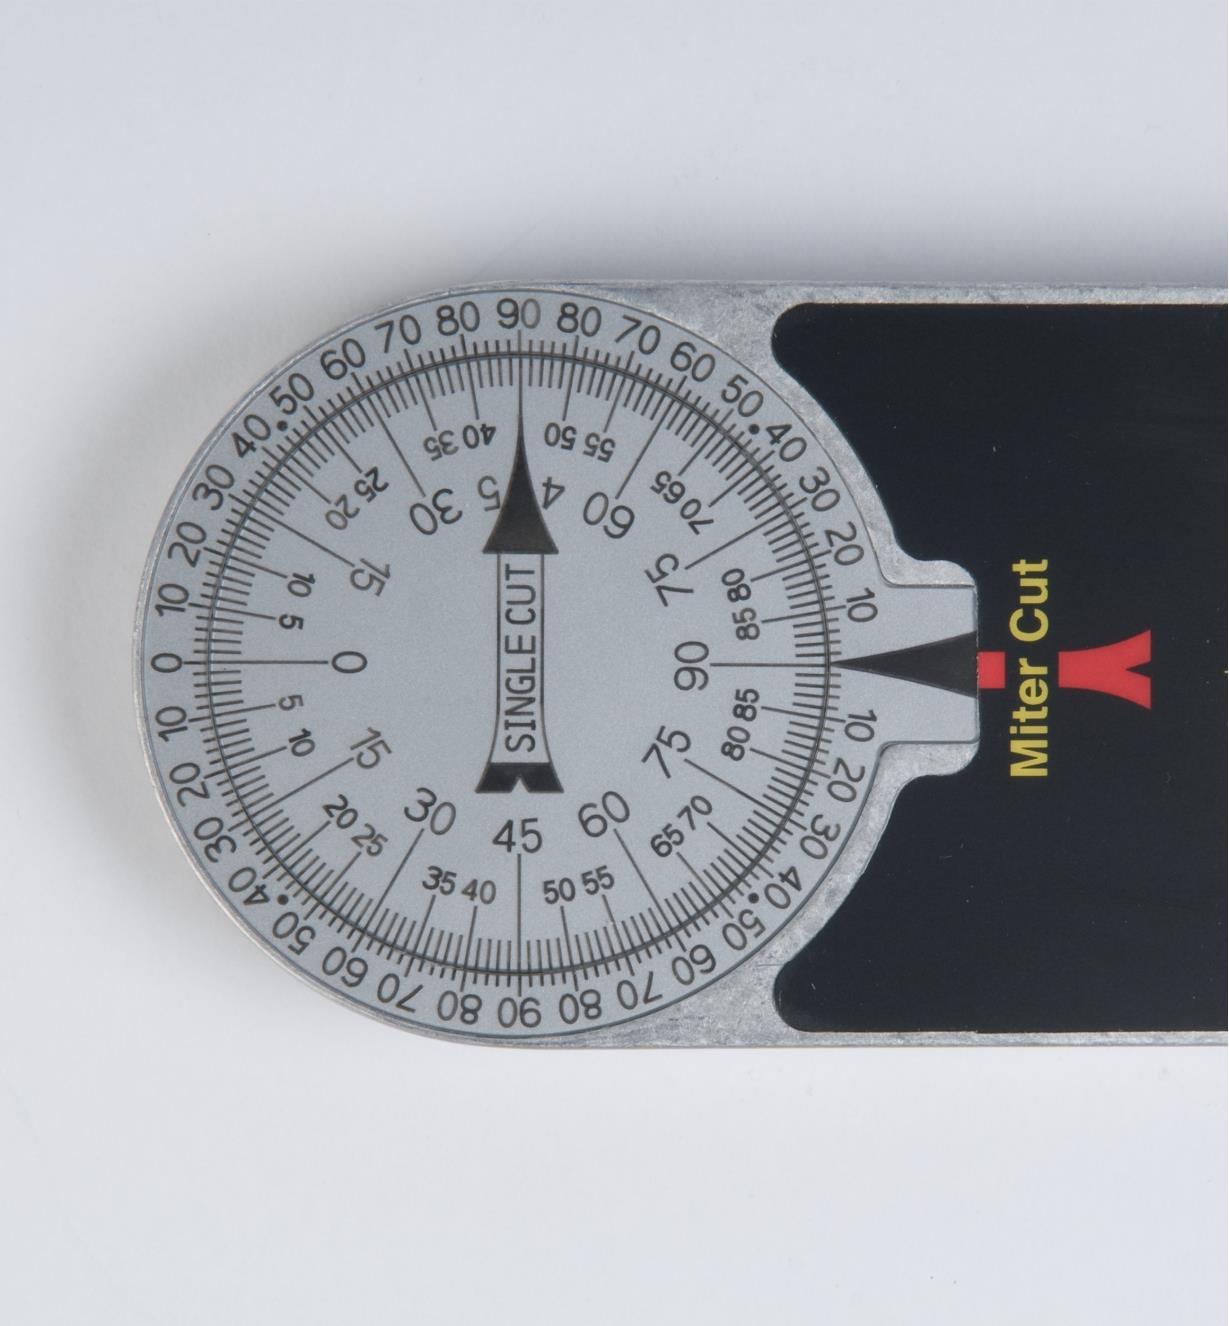 30N0310 - Jauge Starrett en aluminium pour scie à onglets, 12 po